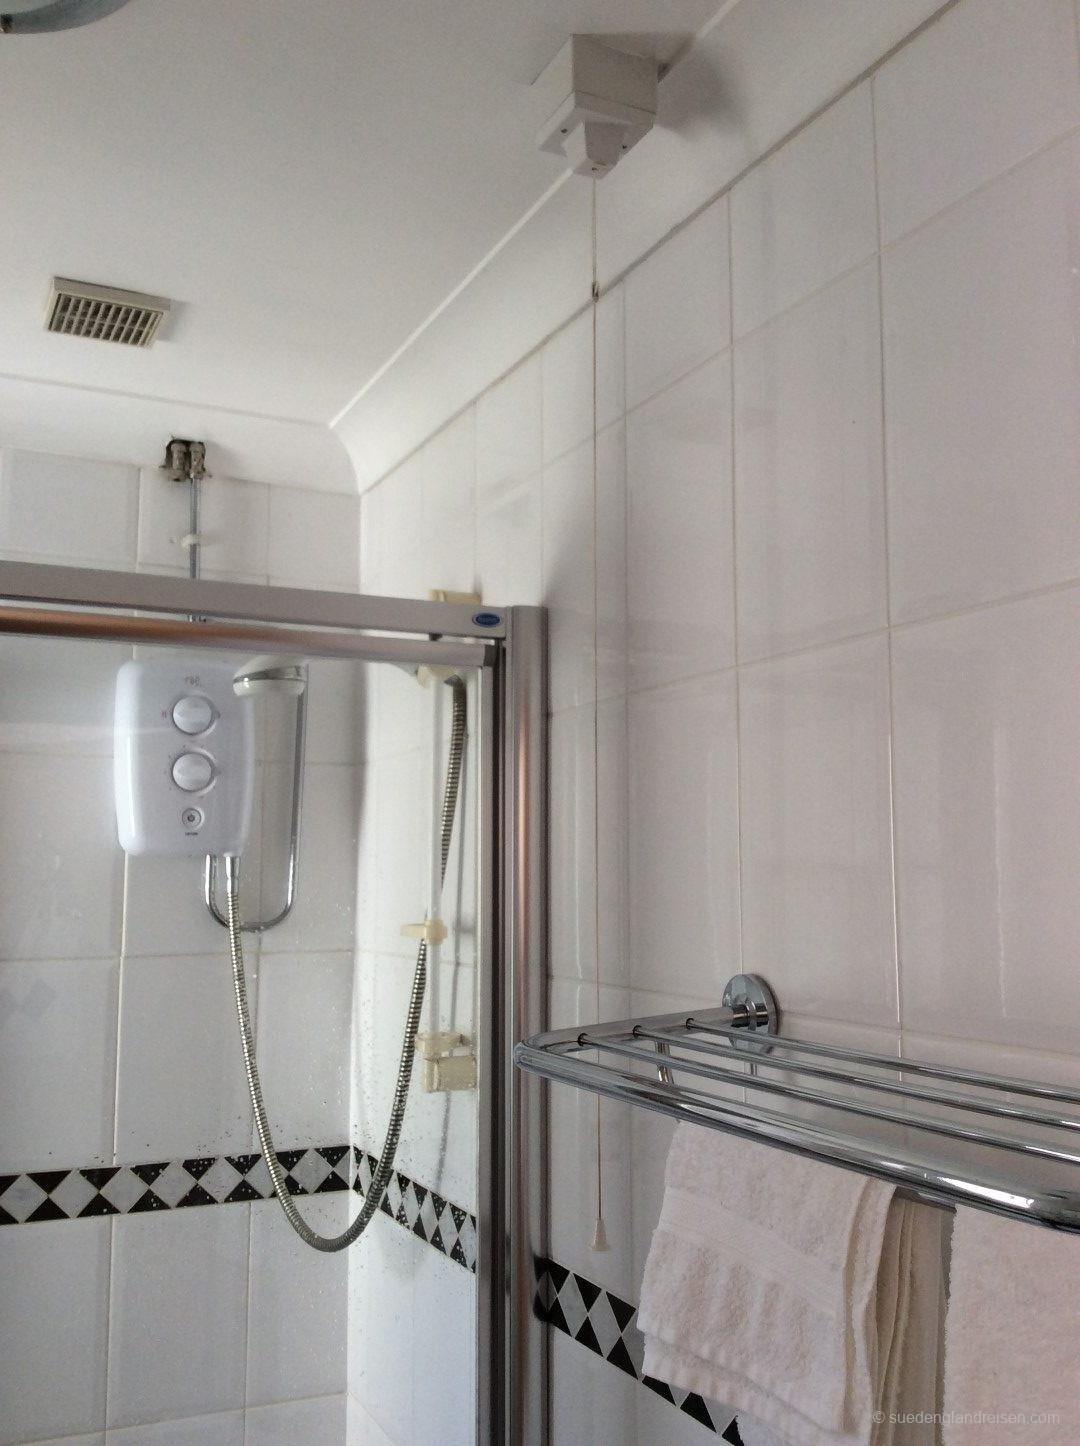 Dusche mit Hauptschalter (Schnur im Vordergrund)